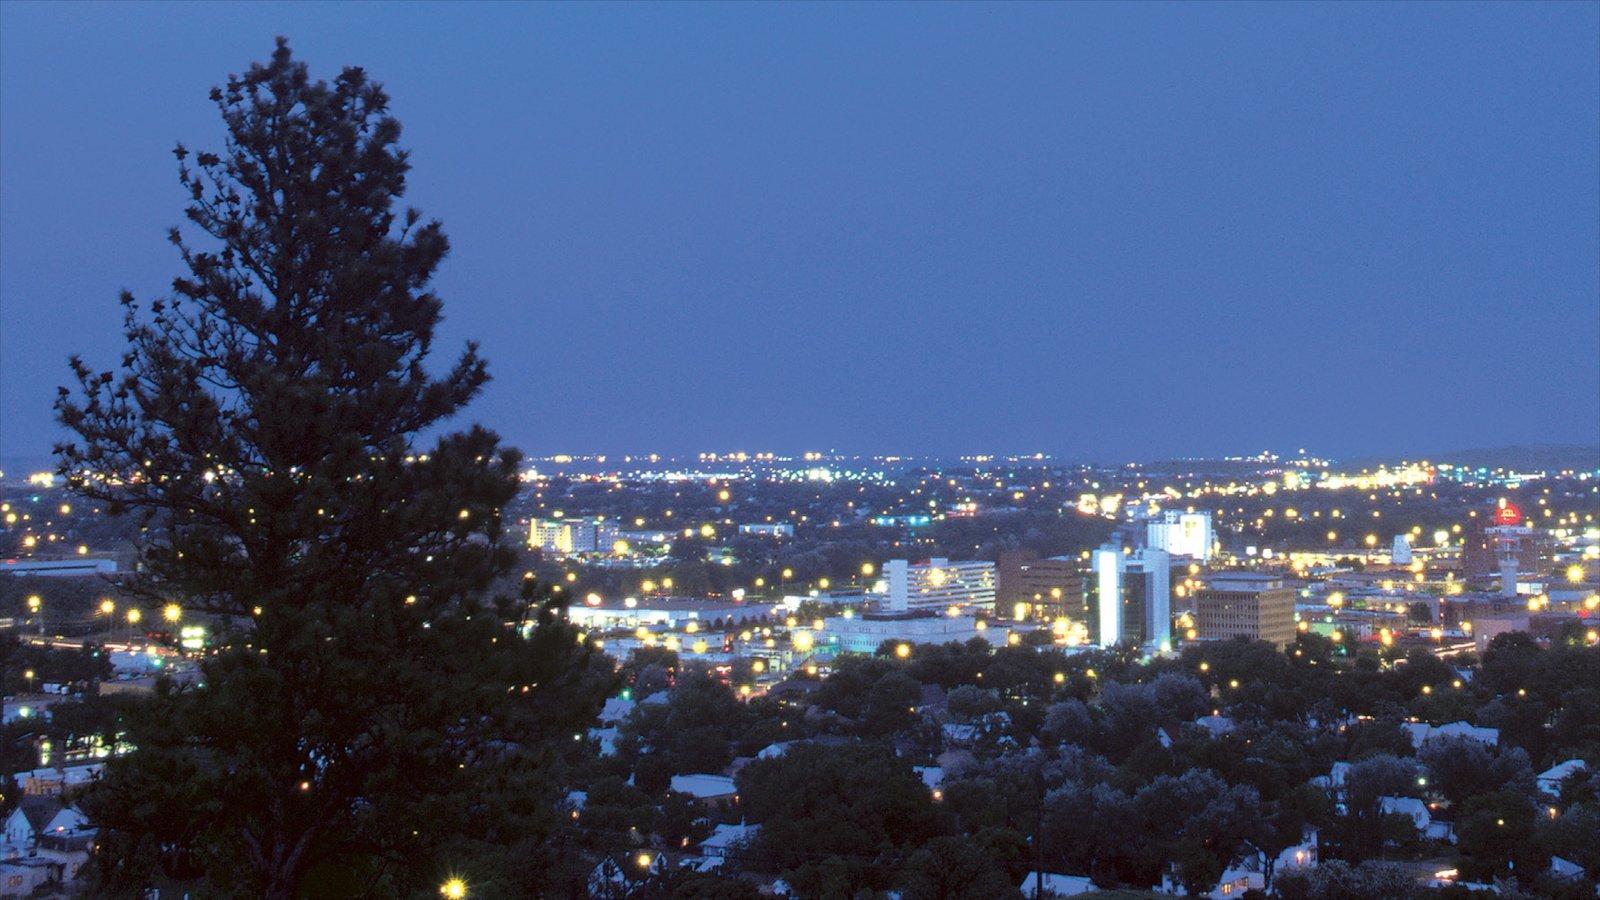 Rapid City que inclui uma cidade e cenas noturnas